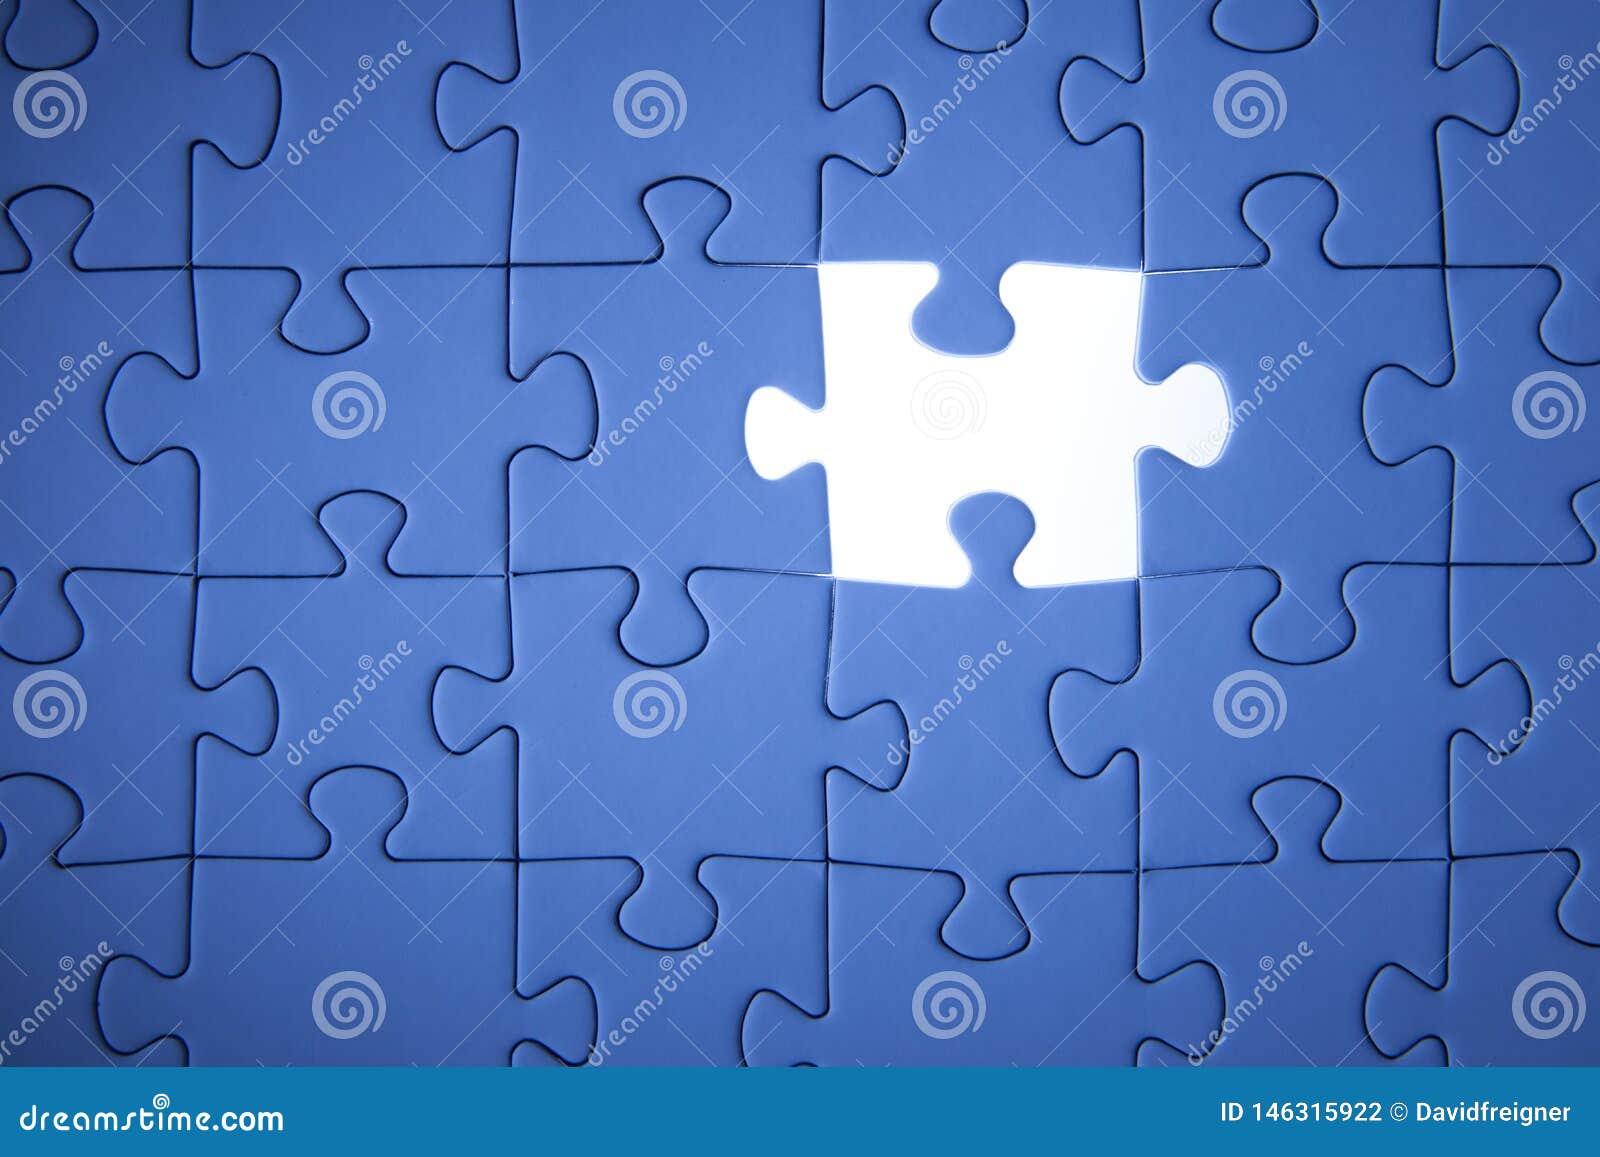 Blaues Puzzle Gesch?ftsl?sungen, Probleme, Wissenschaftstechnologie und Teamentwicklungskonzept l?send